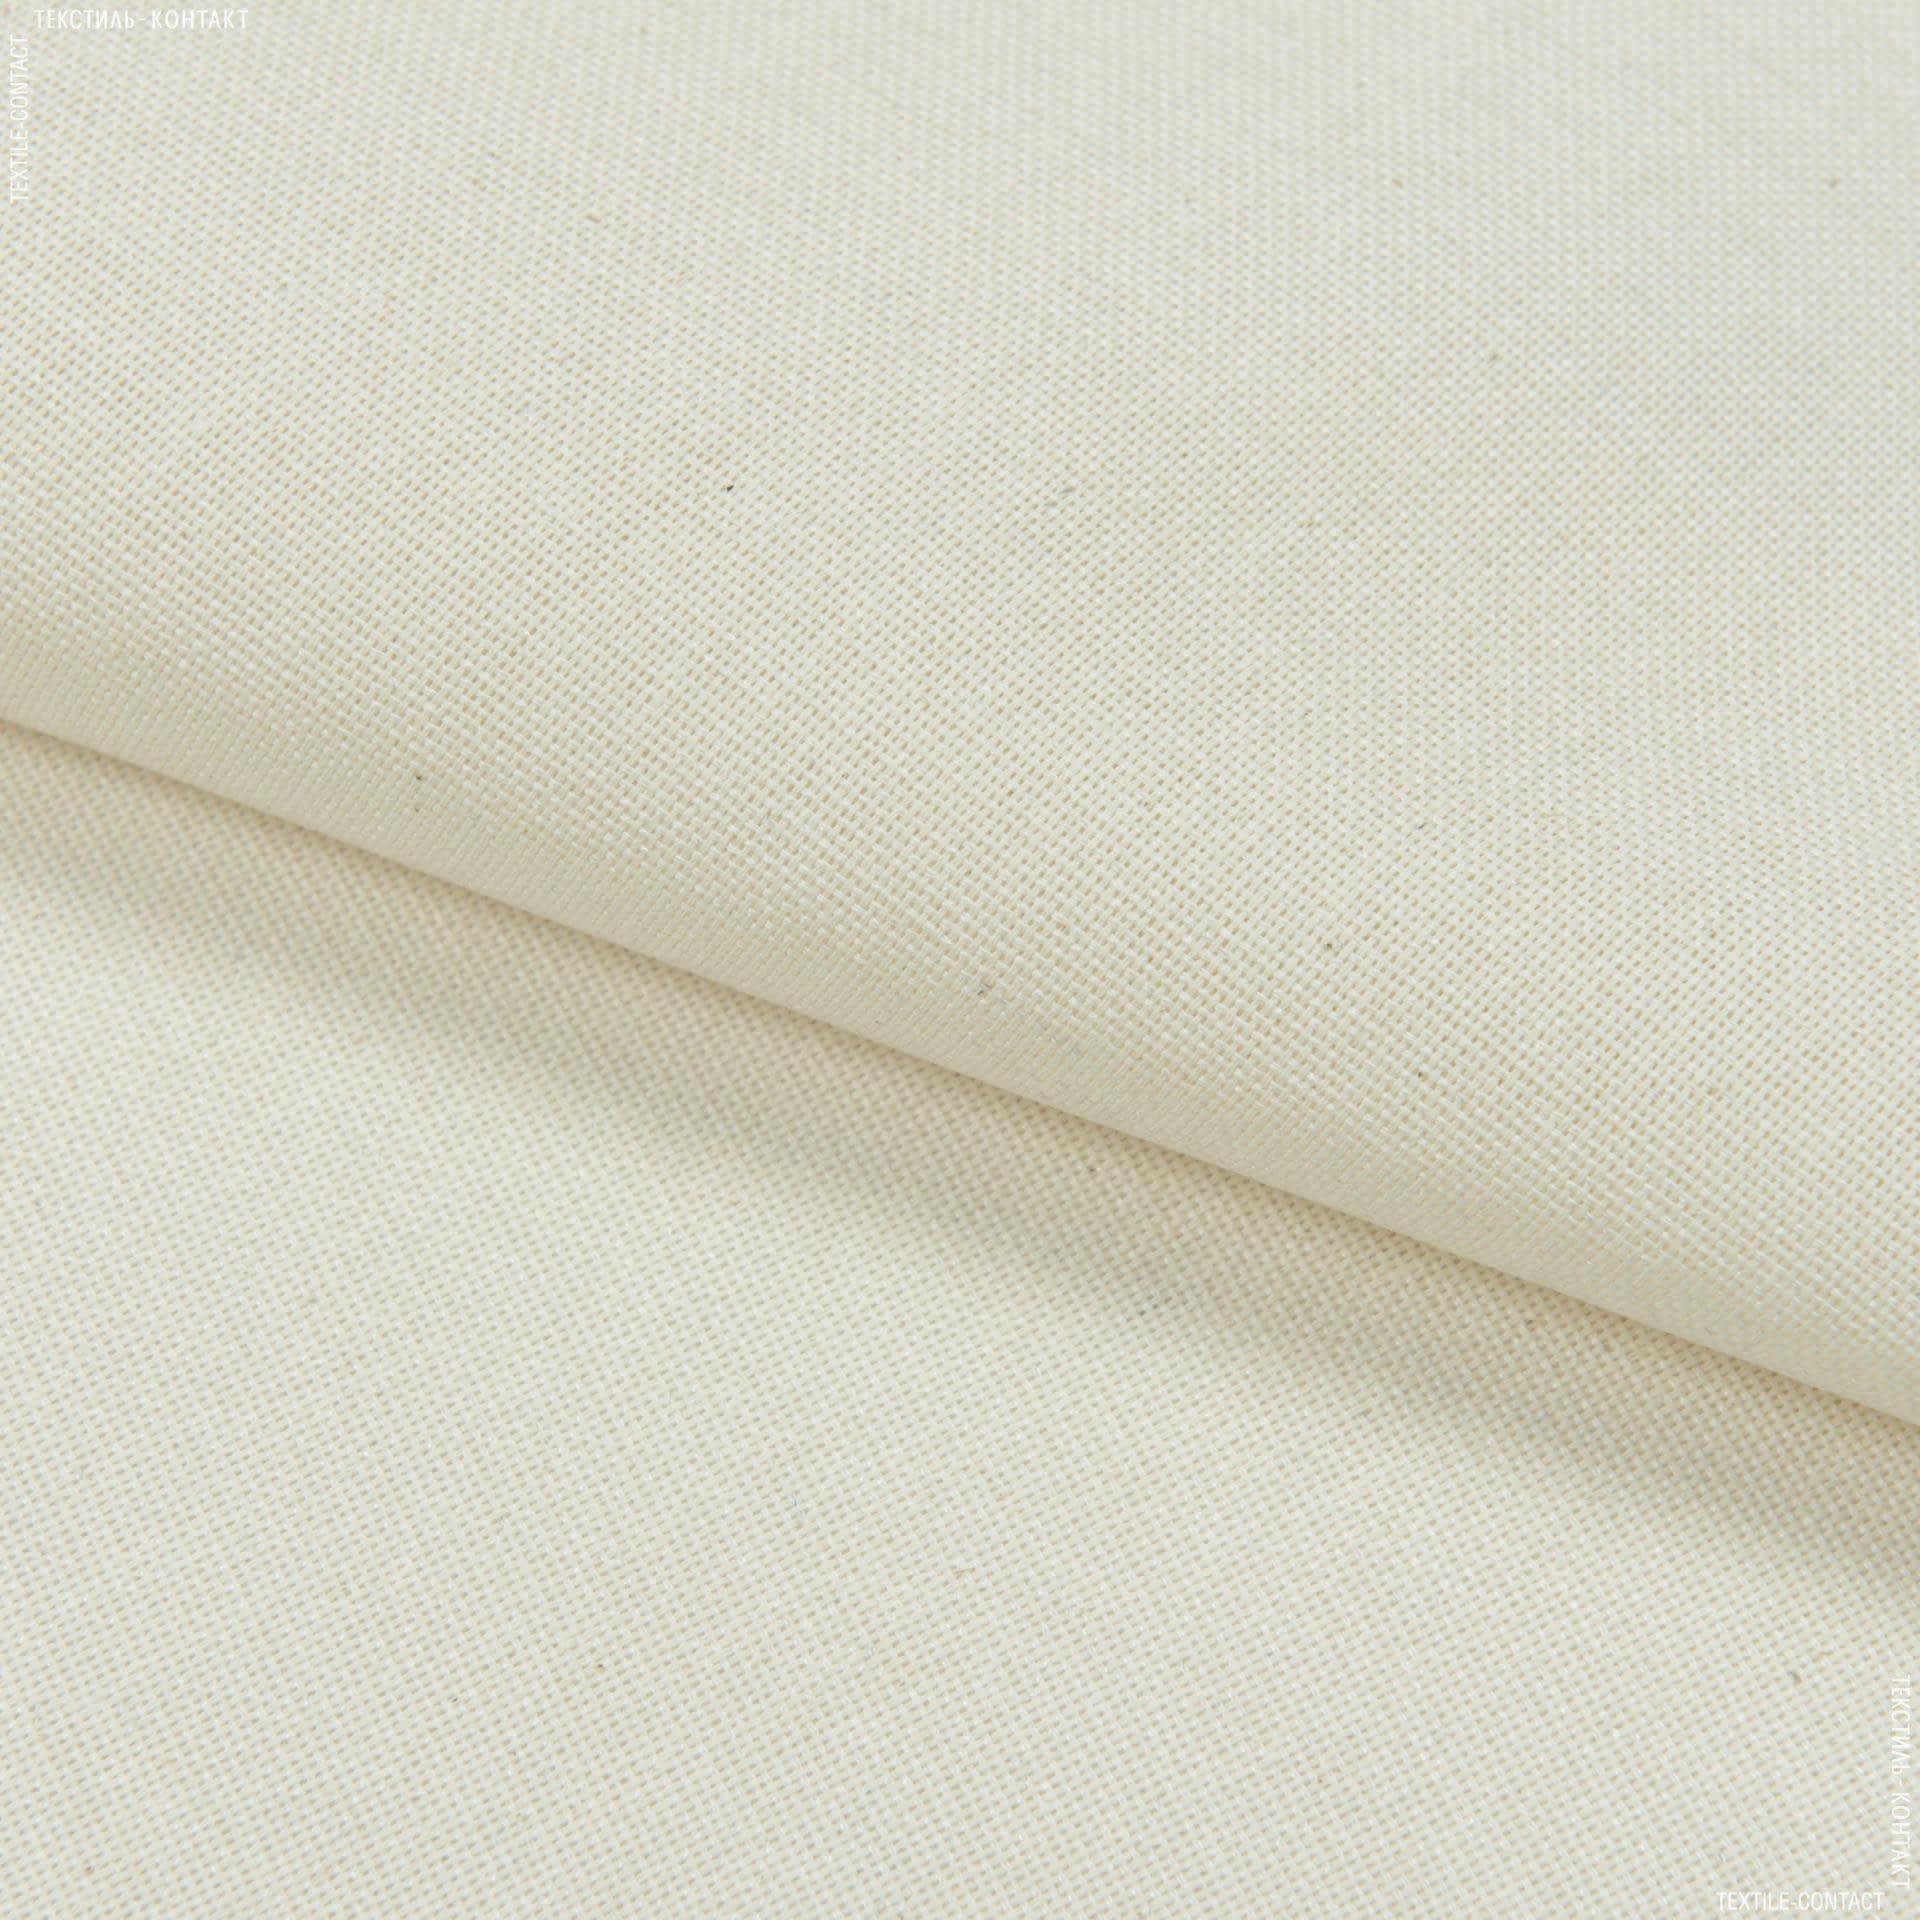 Ткани для спецодежды - Двунитка аппретированная пл.200